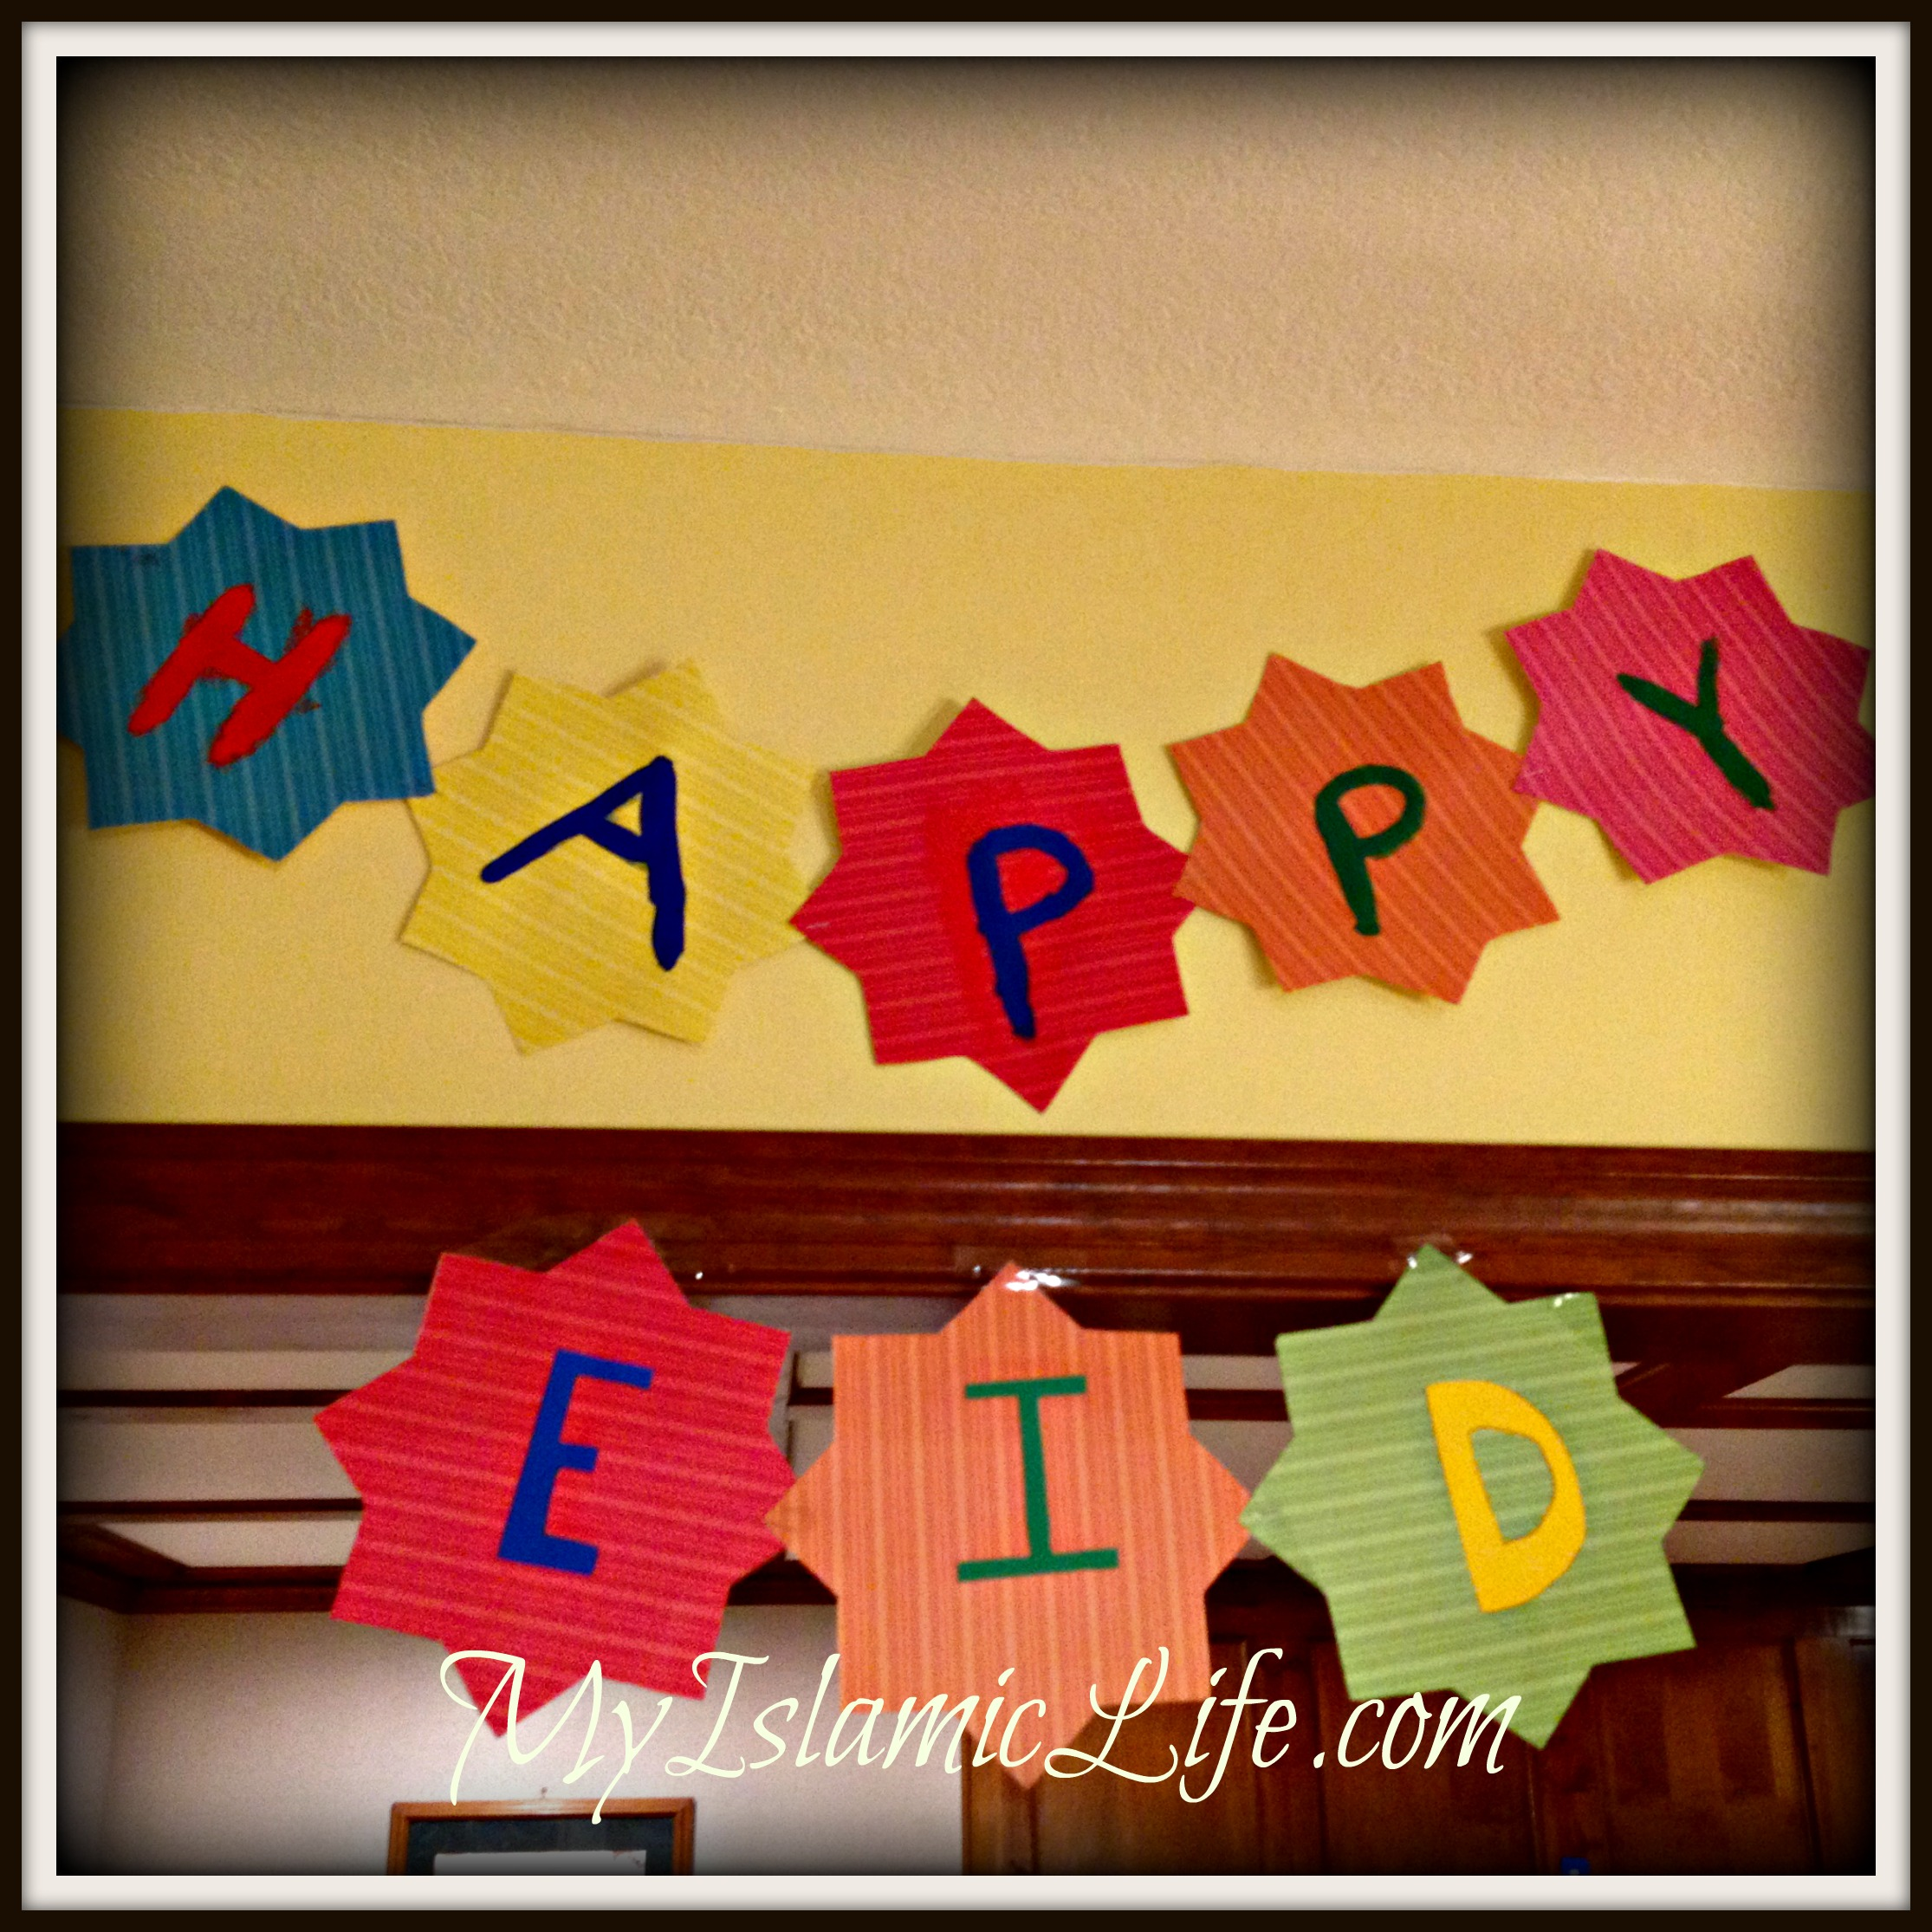 Happy Eid 2013